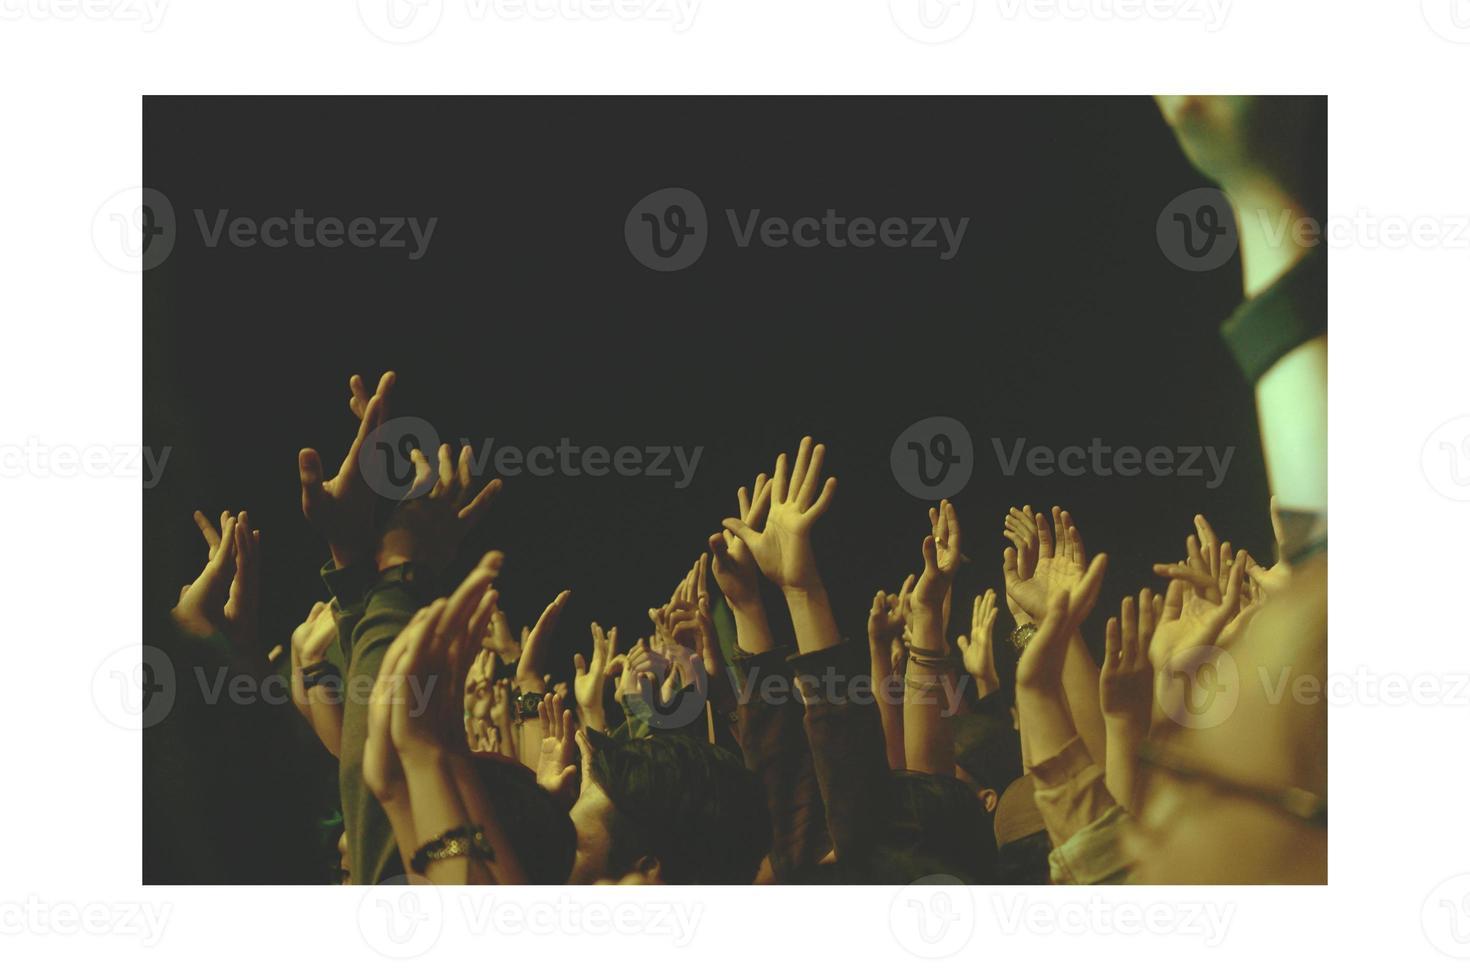 multitud, manos arriba, concierto, gente foto